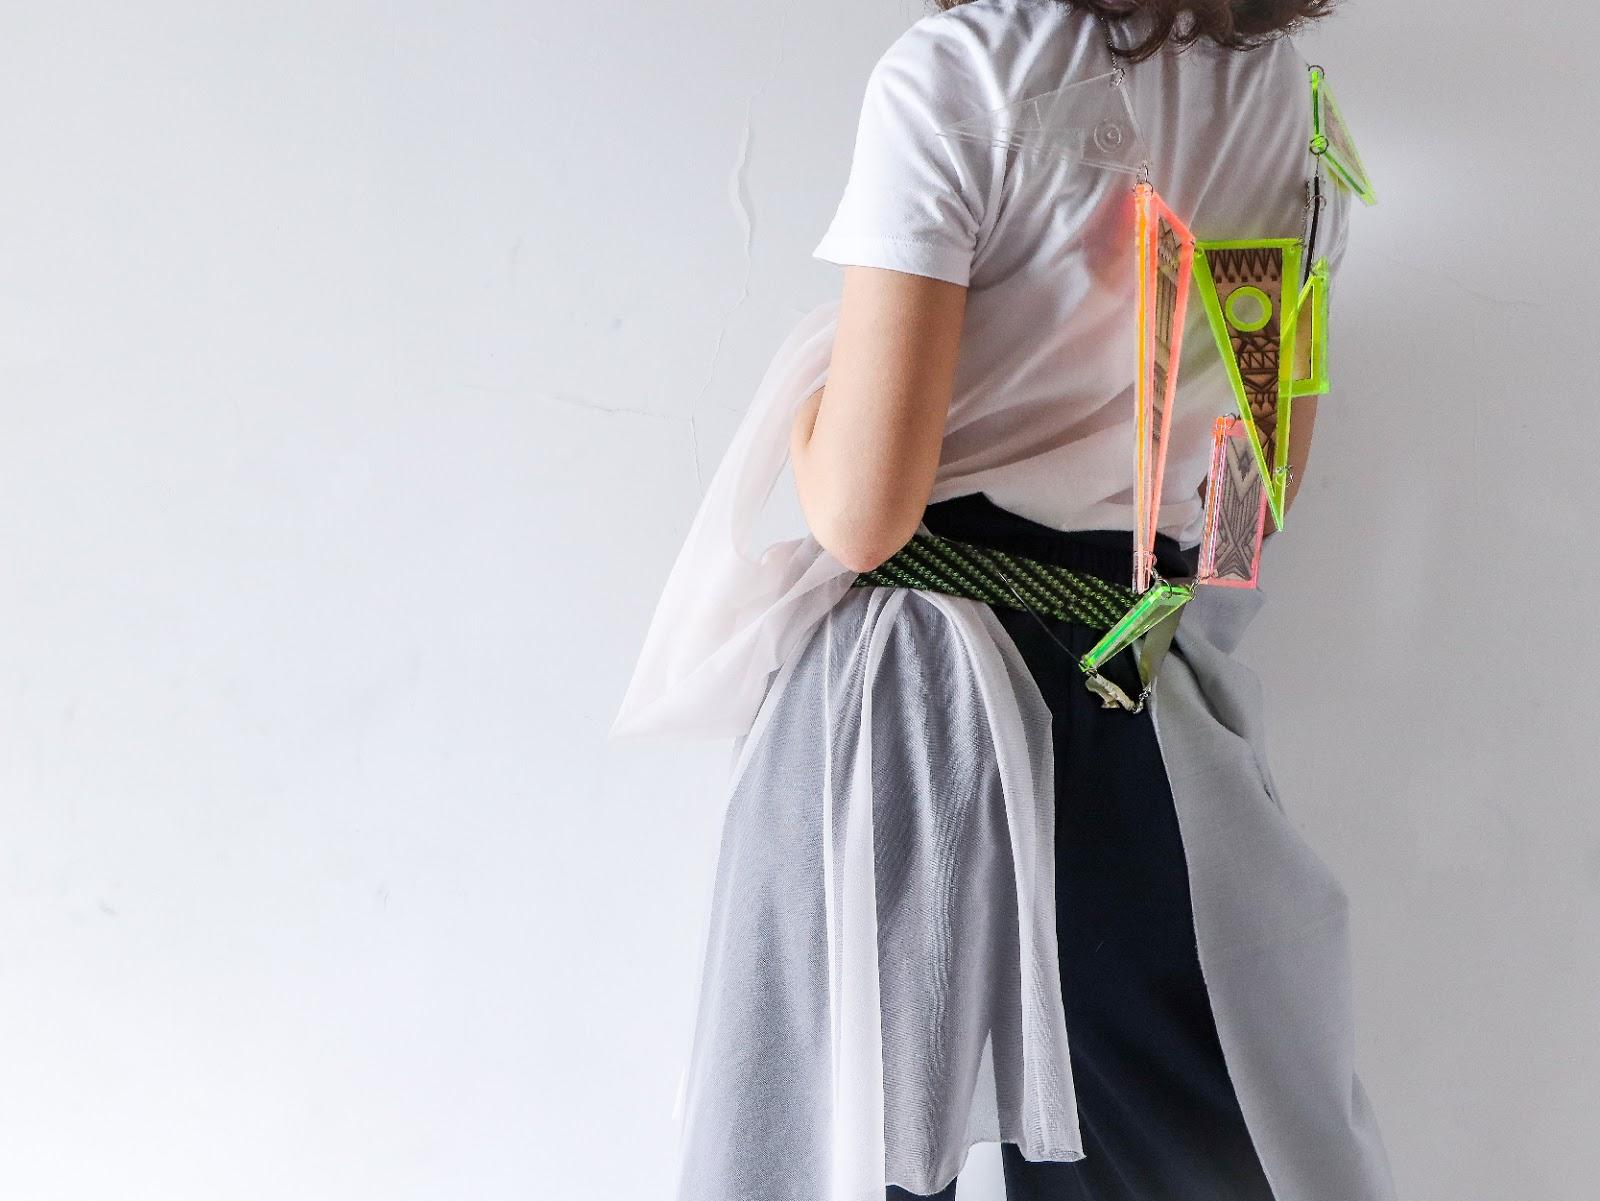 Innovative Fashion Idea